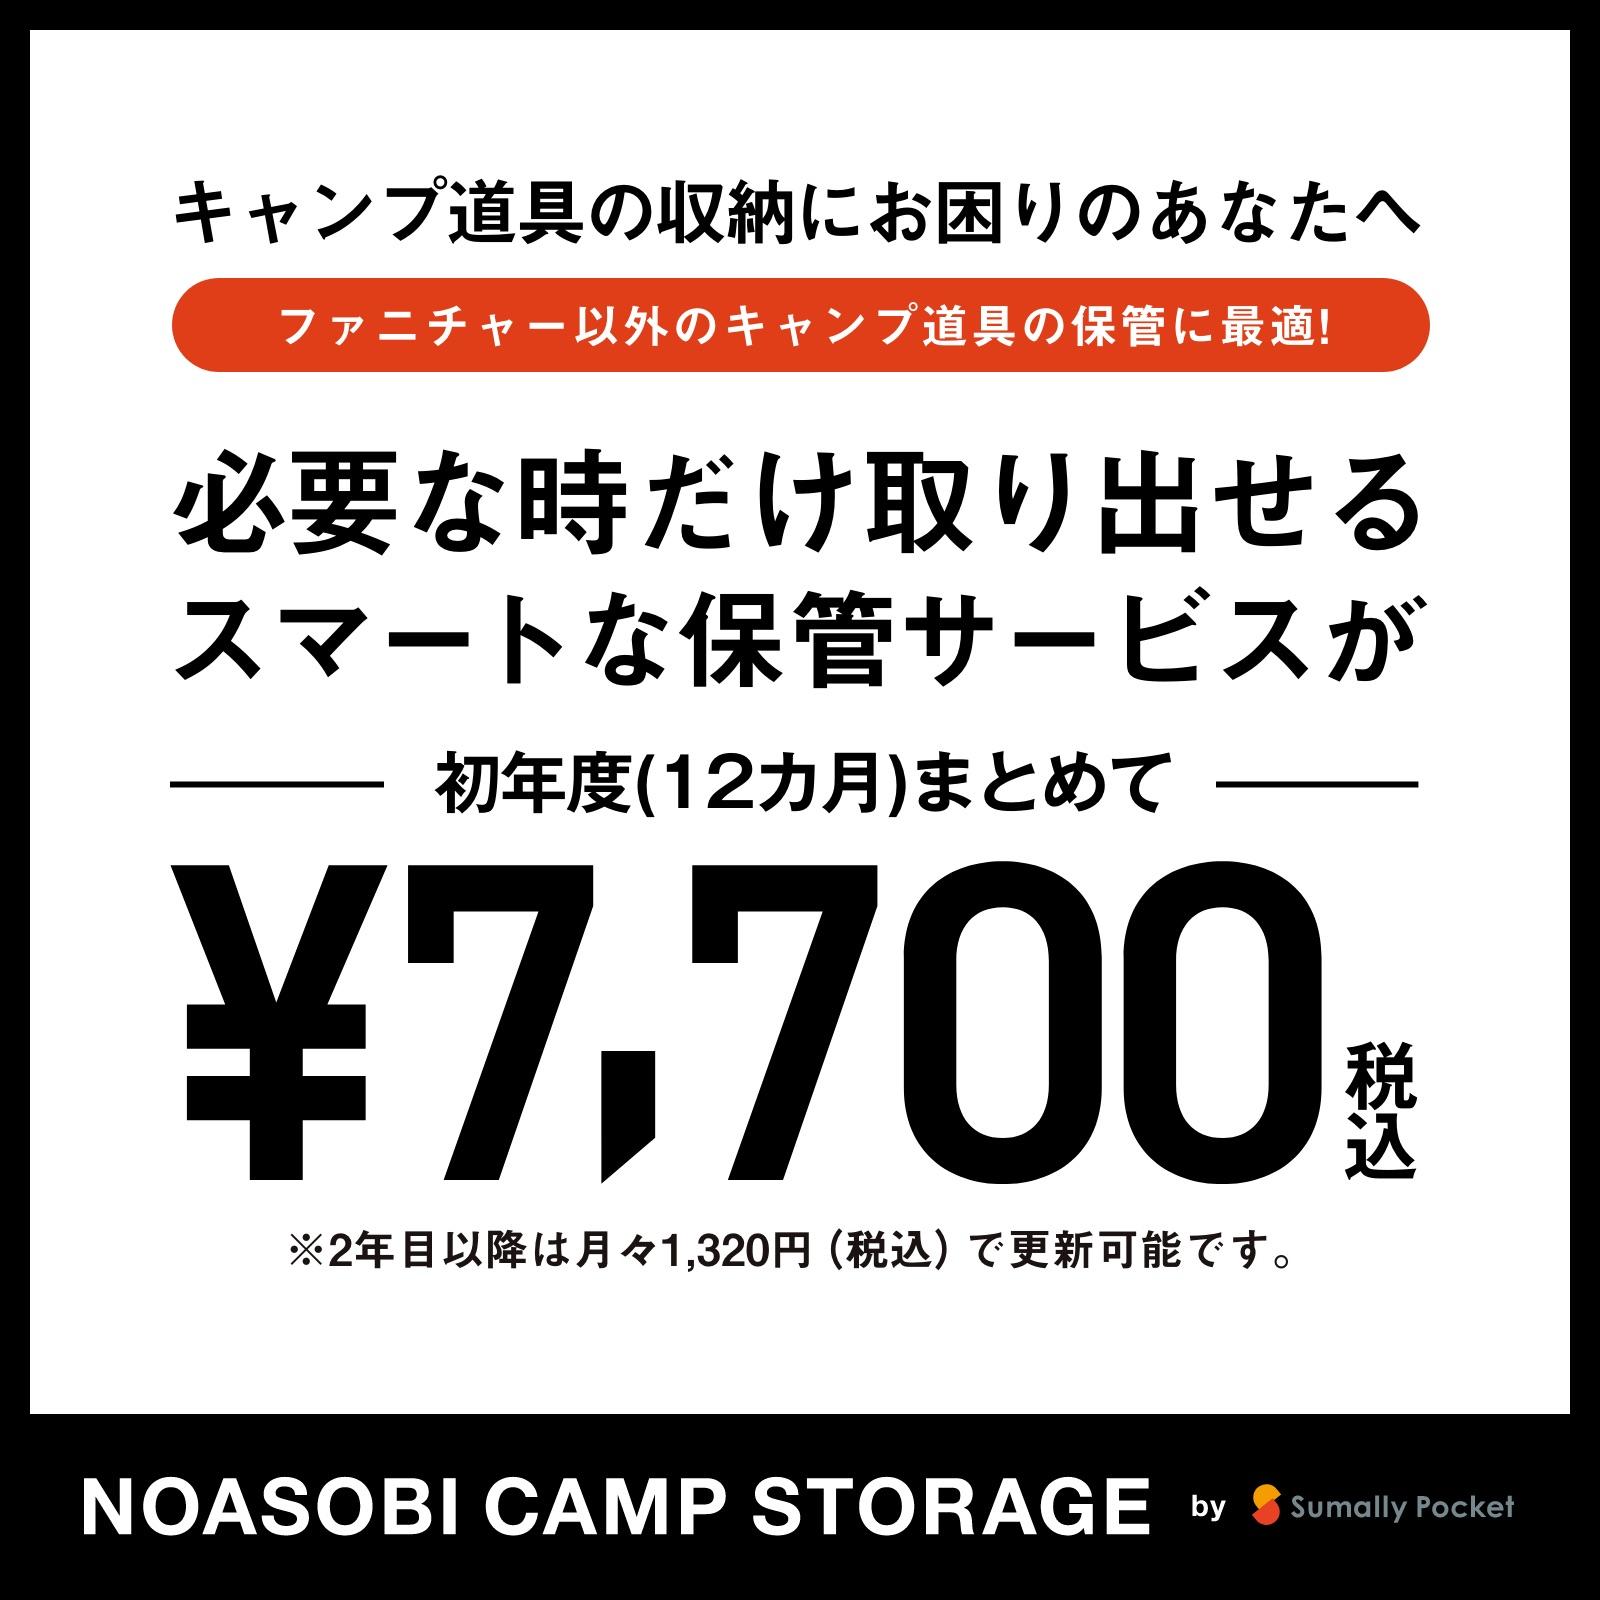 【sp】noasobi camp storage